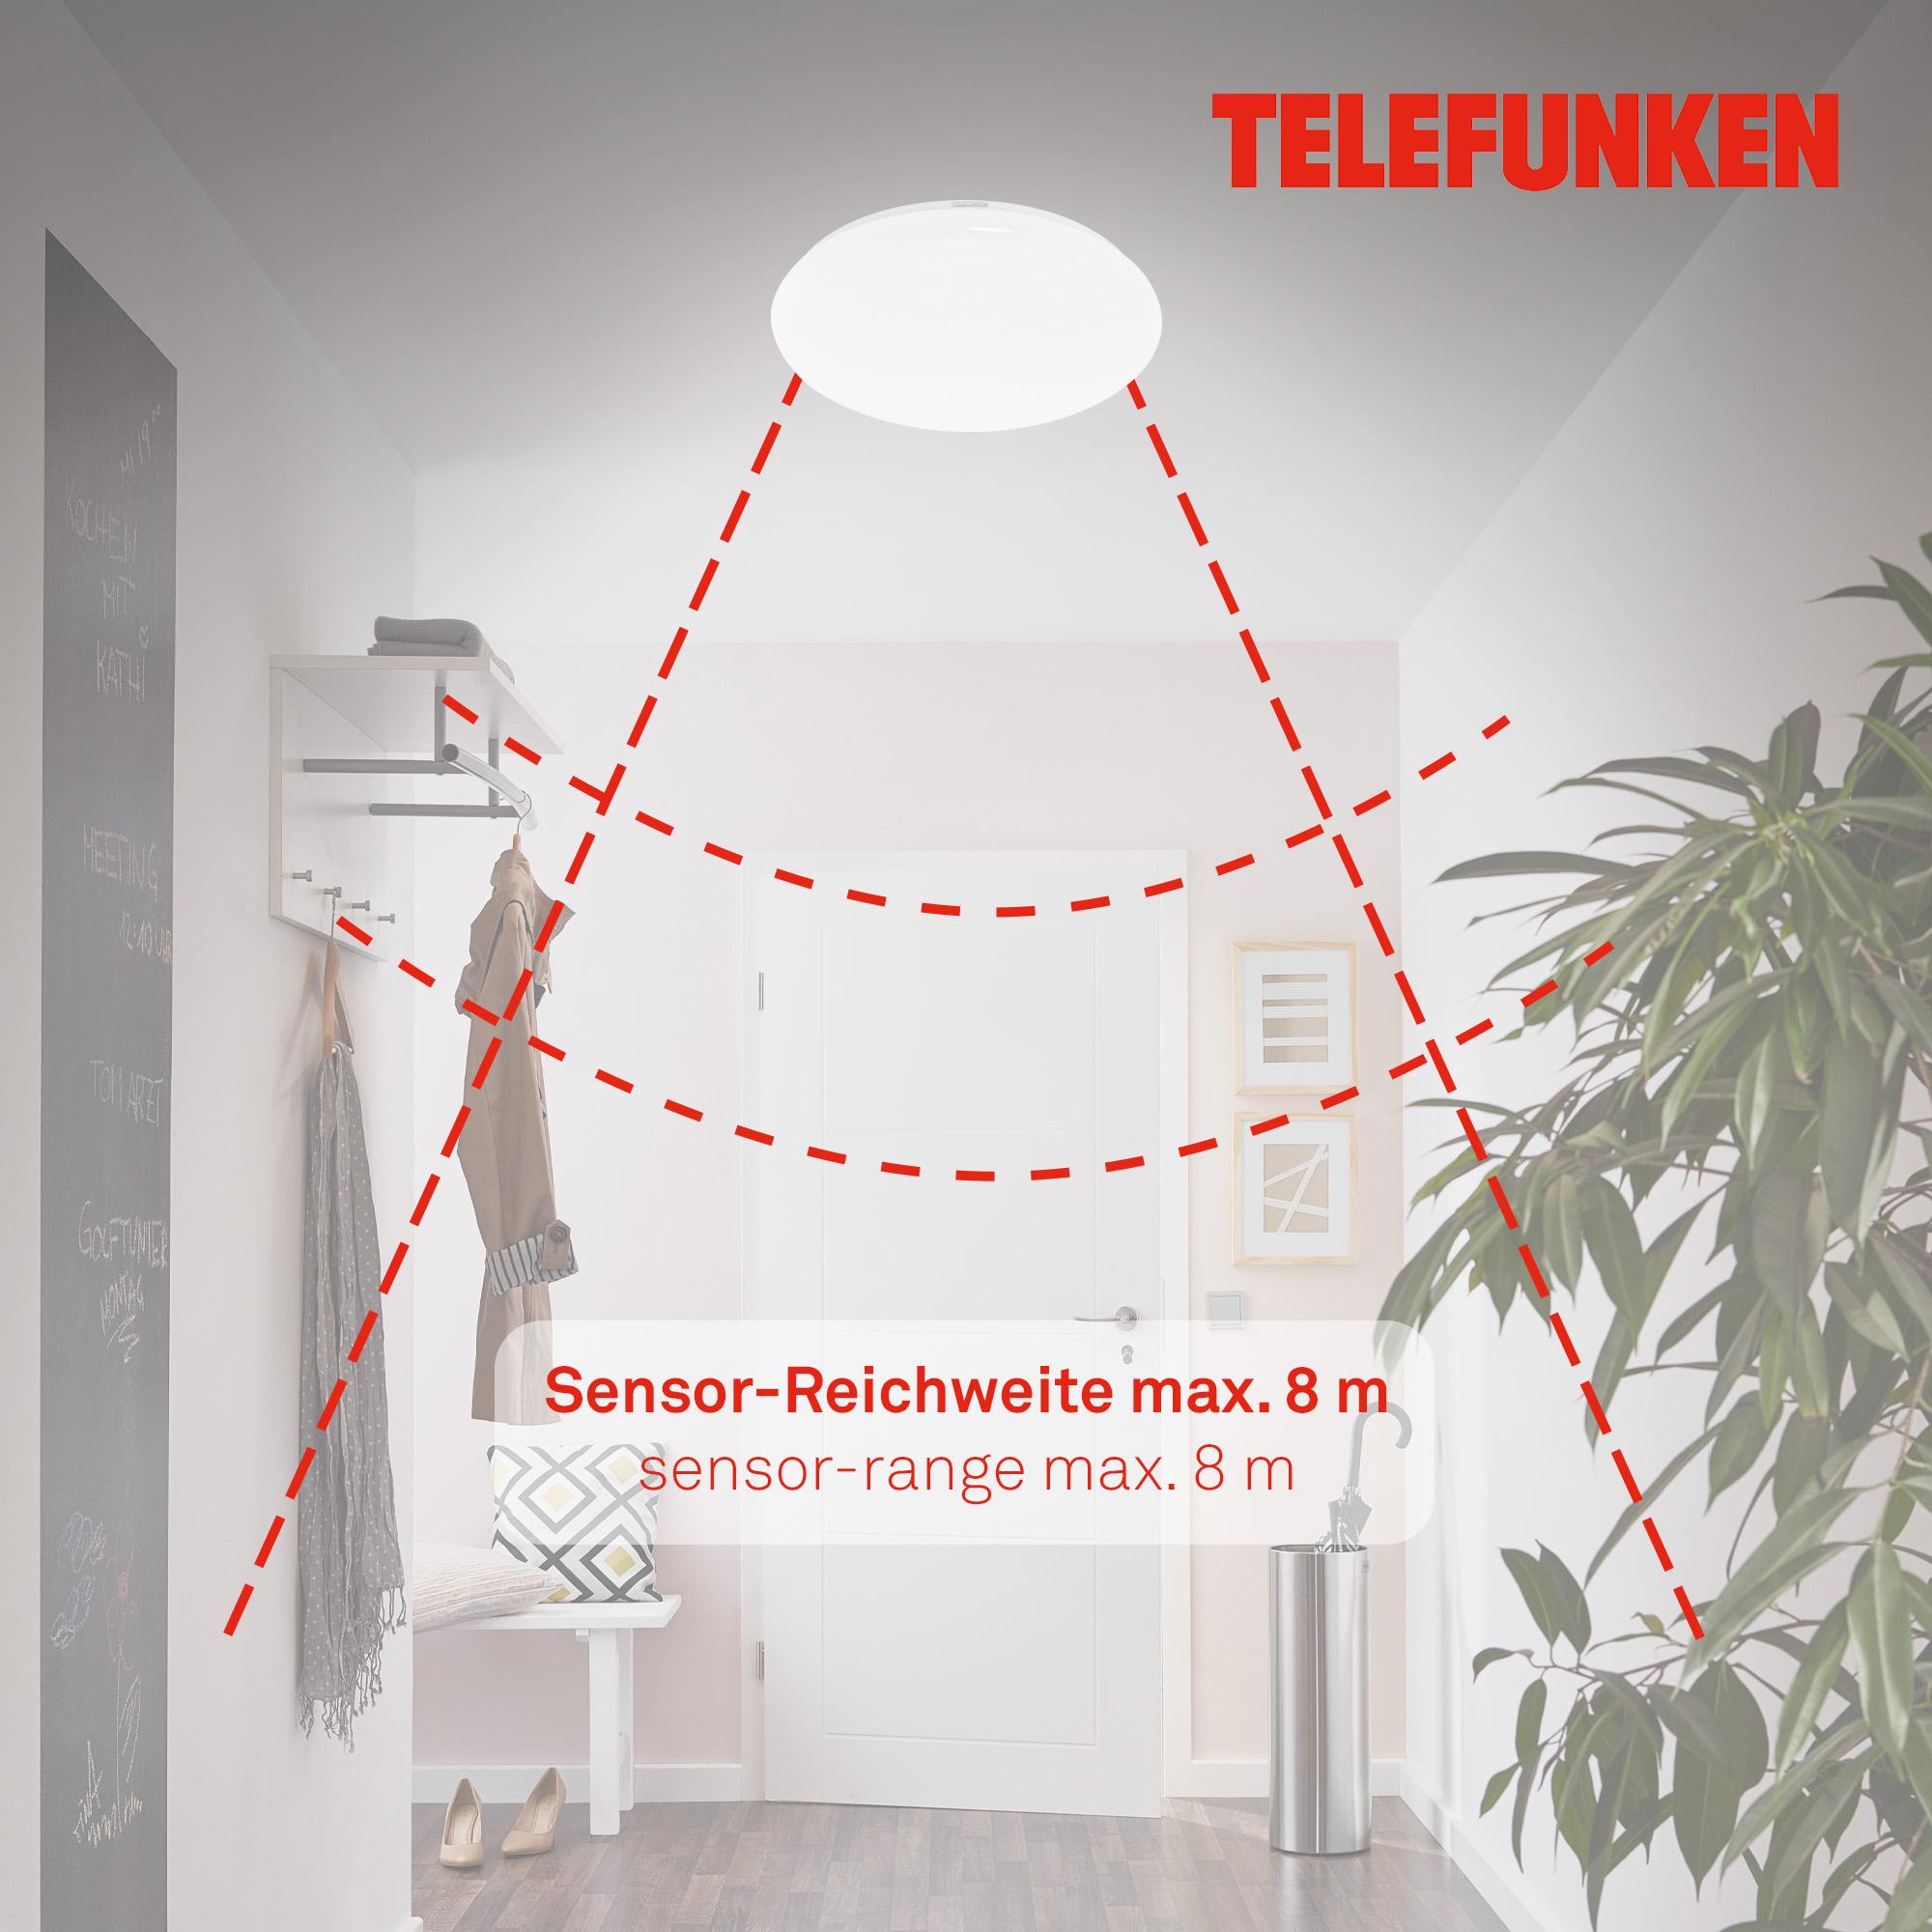 TELEFUNKEN LED Deckenleuchte, Ø 40 cm, 20 W, Weiß